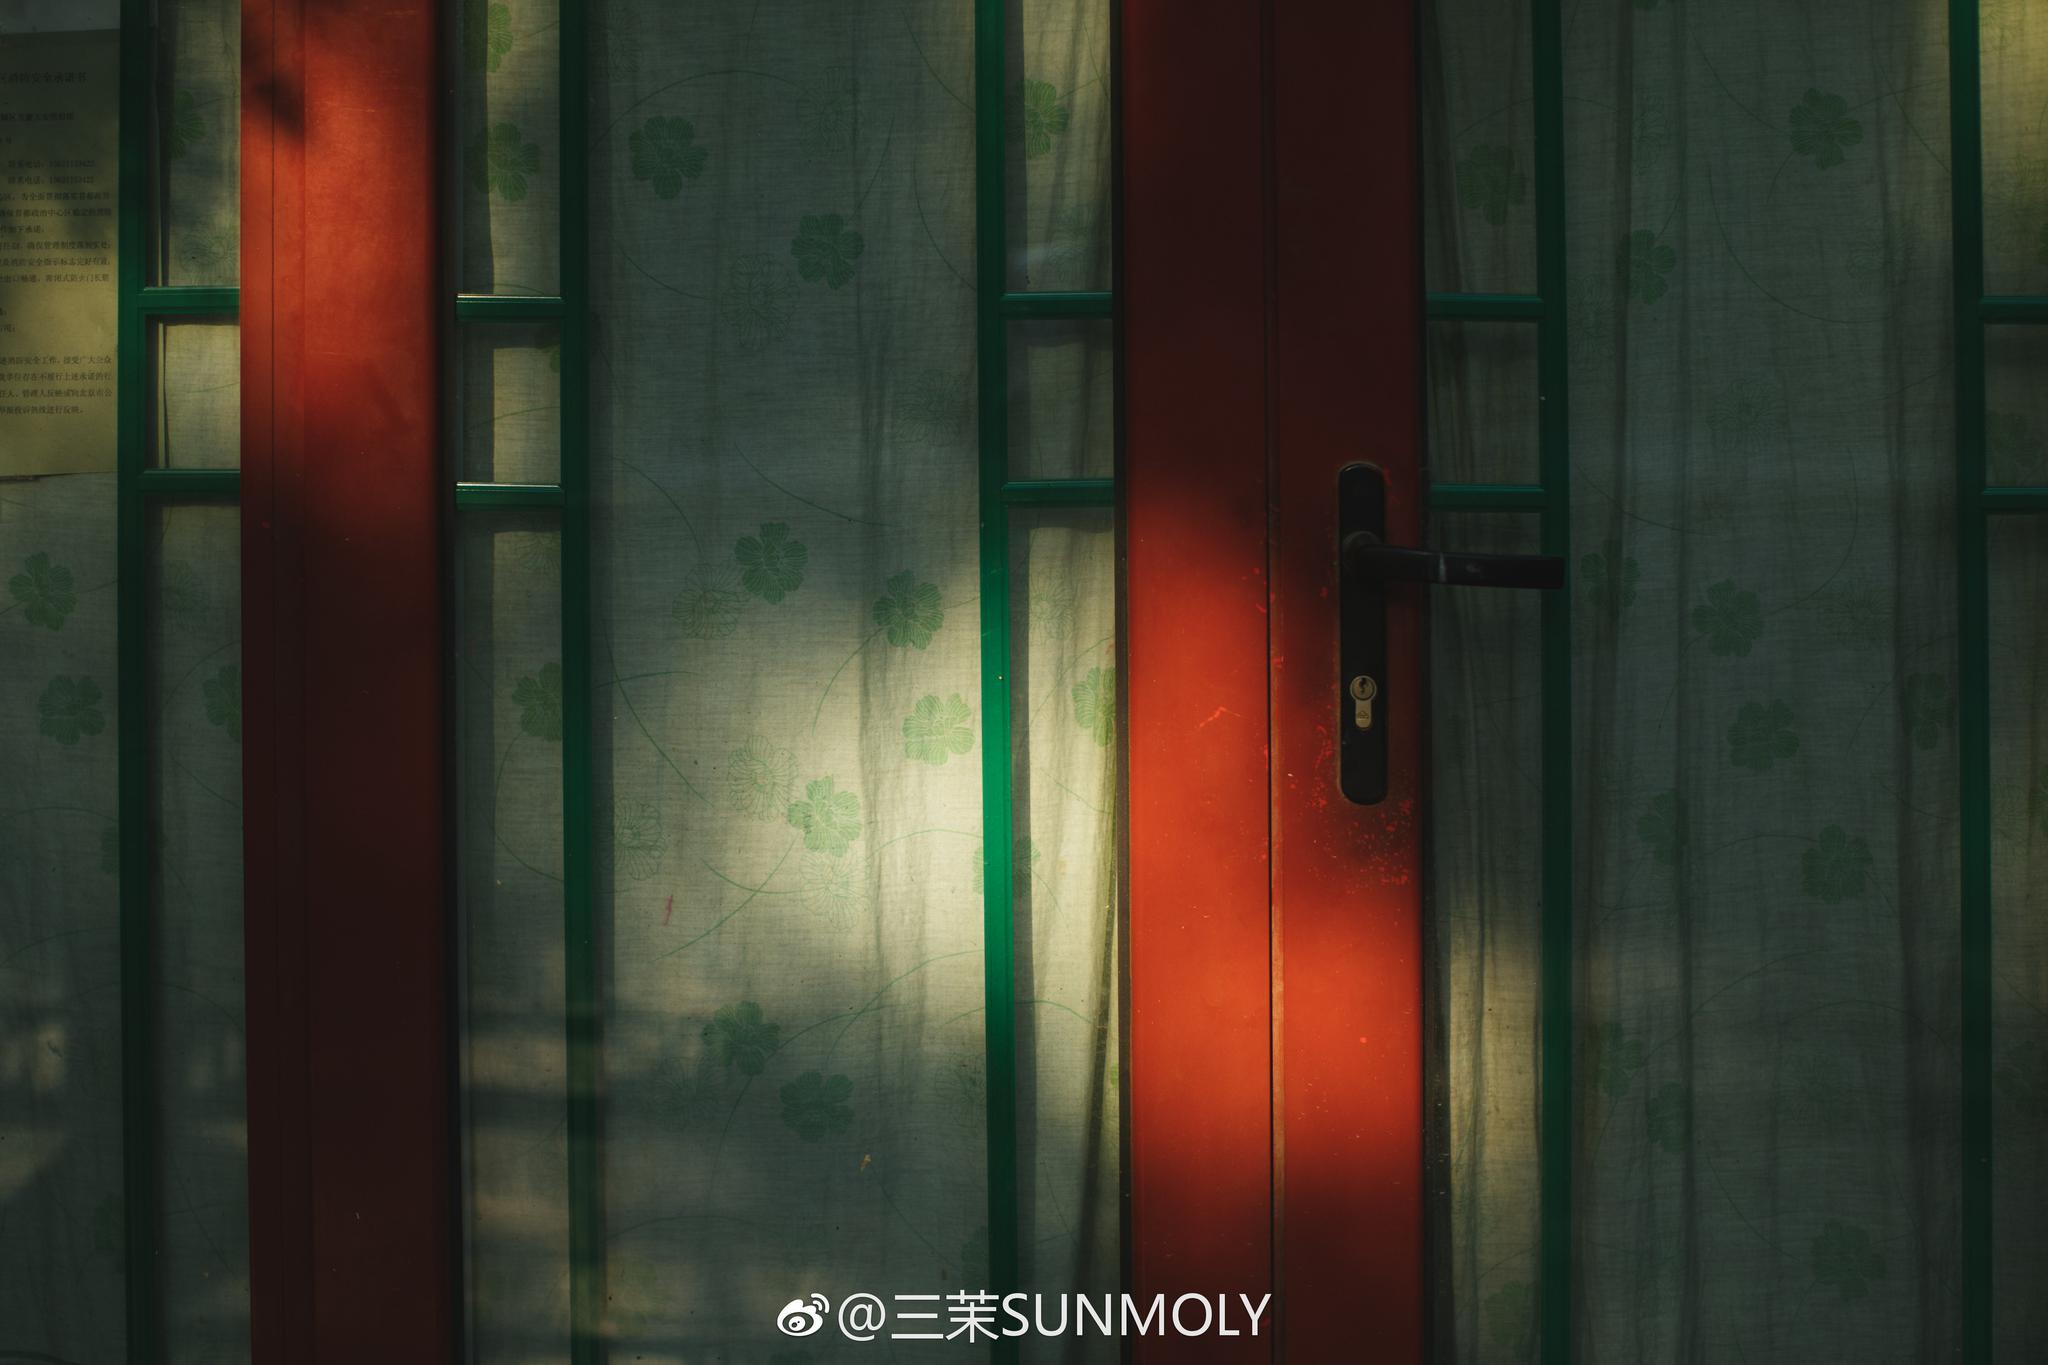 夏天外拍时摄影师拍的北京空景图